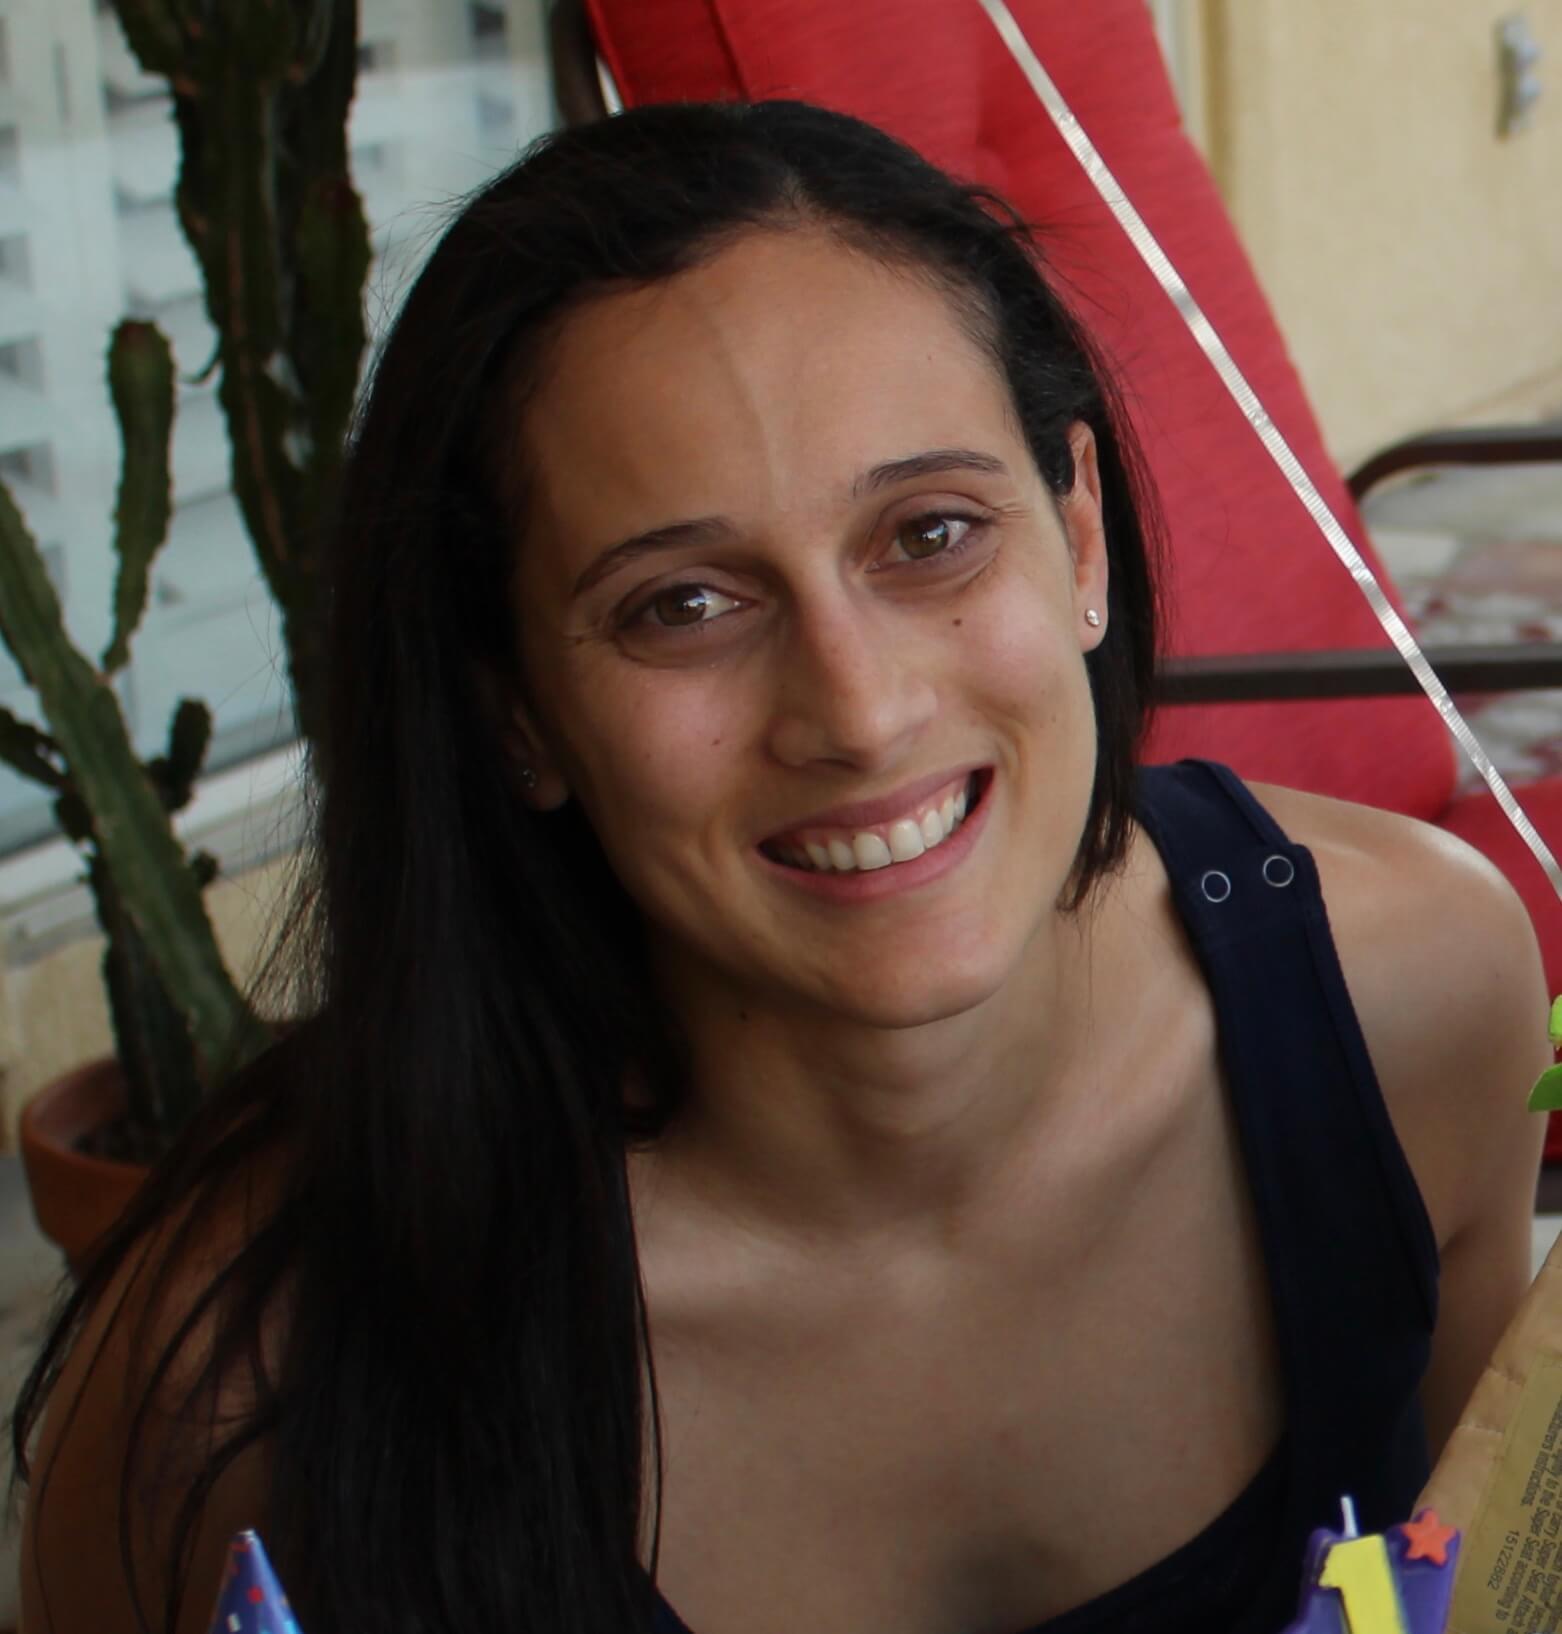 Sunsational Private Swim Lesson Instructor in Inland Empire - Nicole B